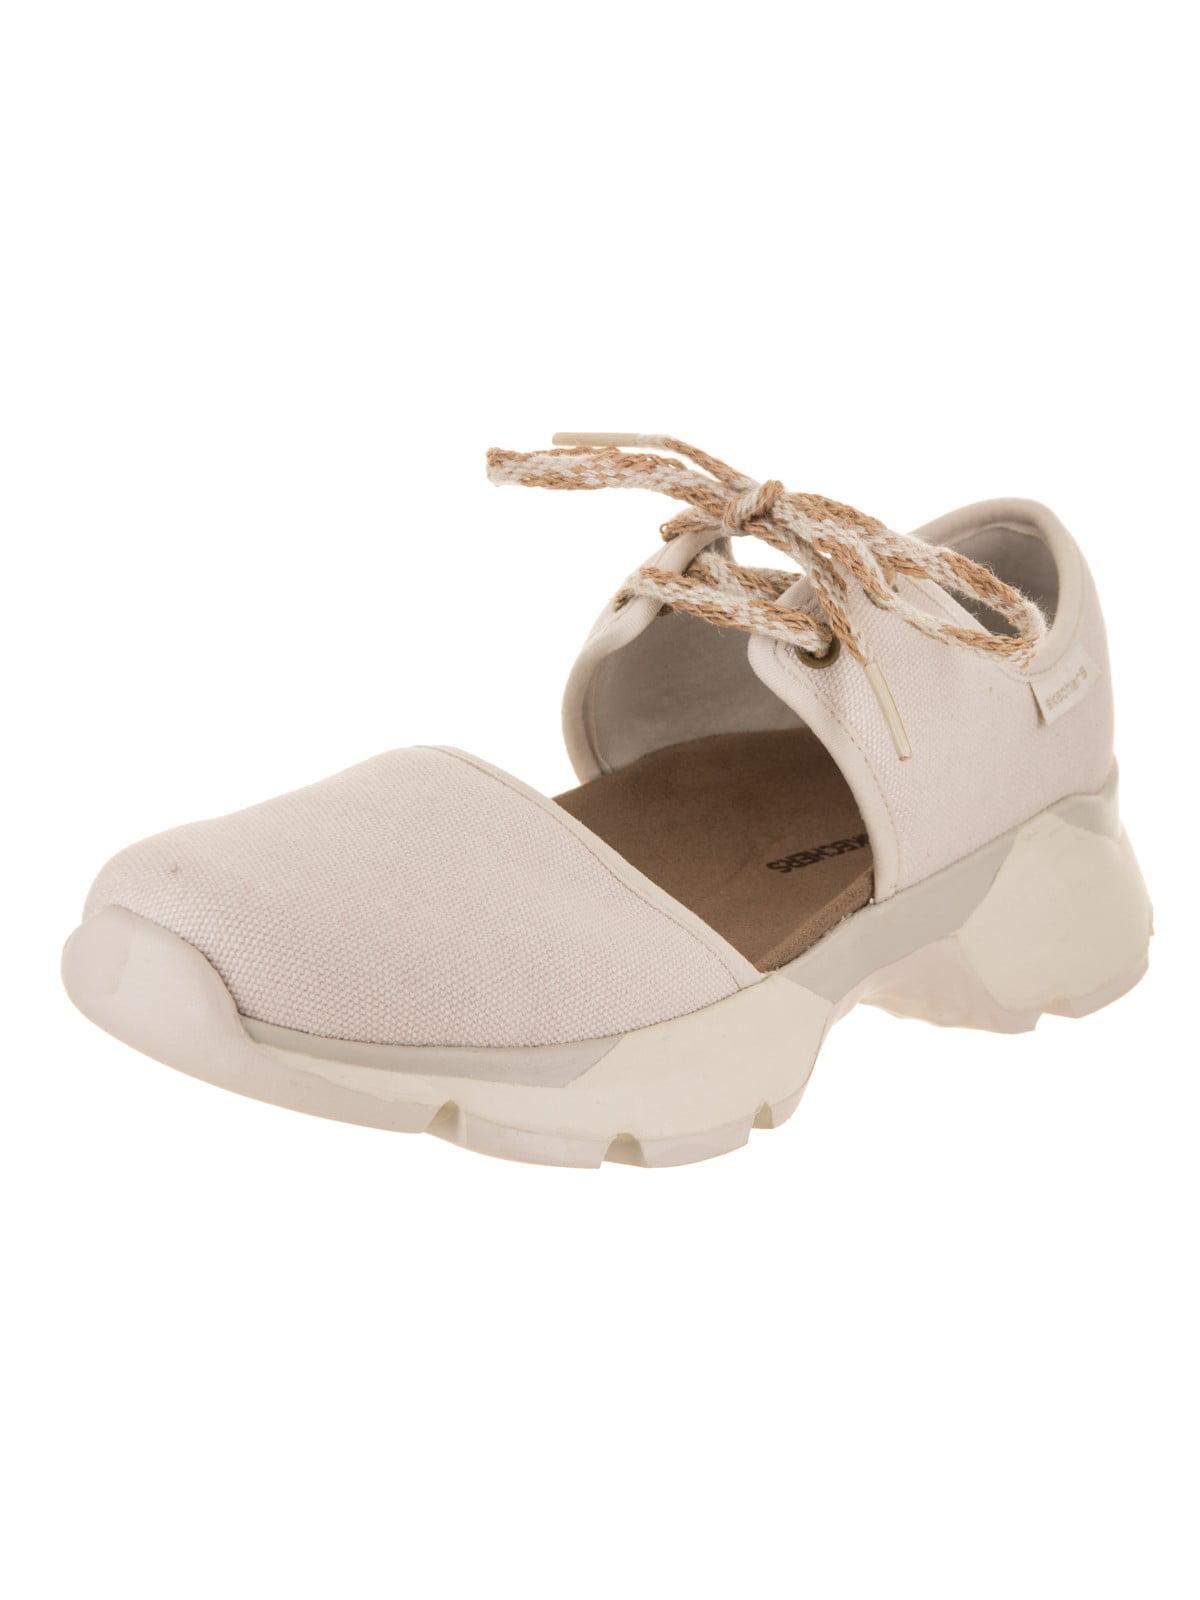 Skechers Women's Bora Peachy Keen Casual Shoe by Skechers